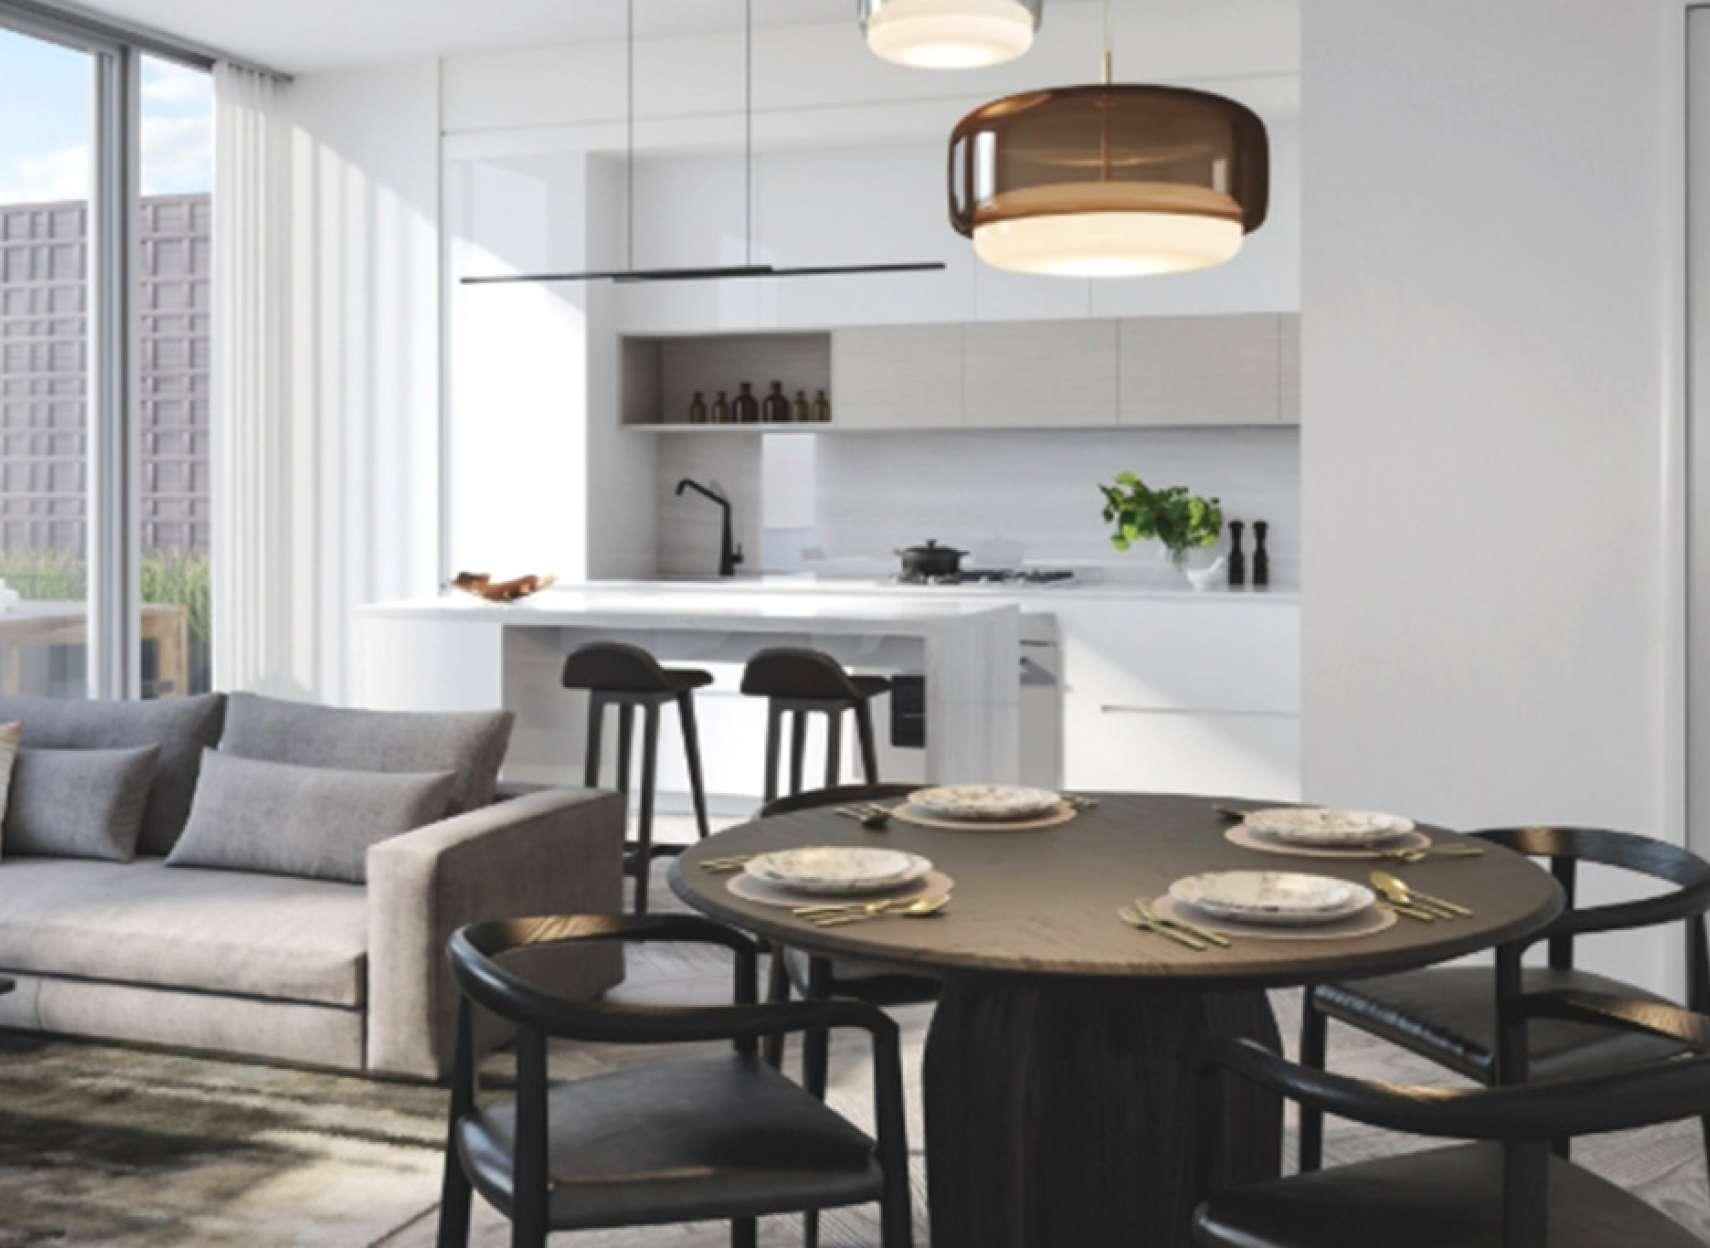 دو-پروژه-آپارتمانی-پیشخرید-با-شرایط-عالی-سیروسی-املاک